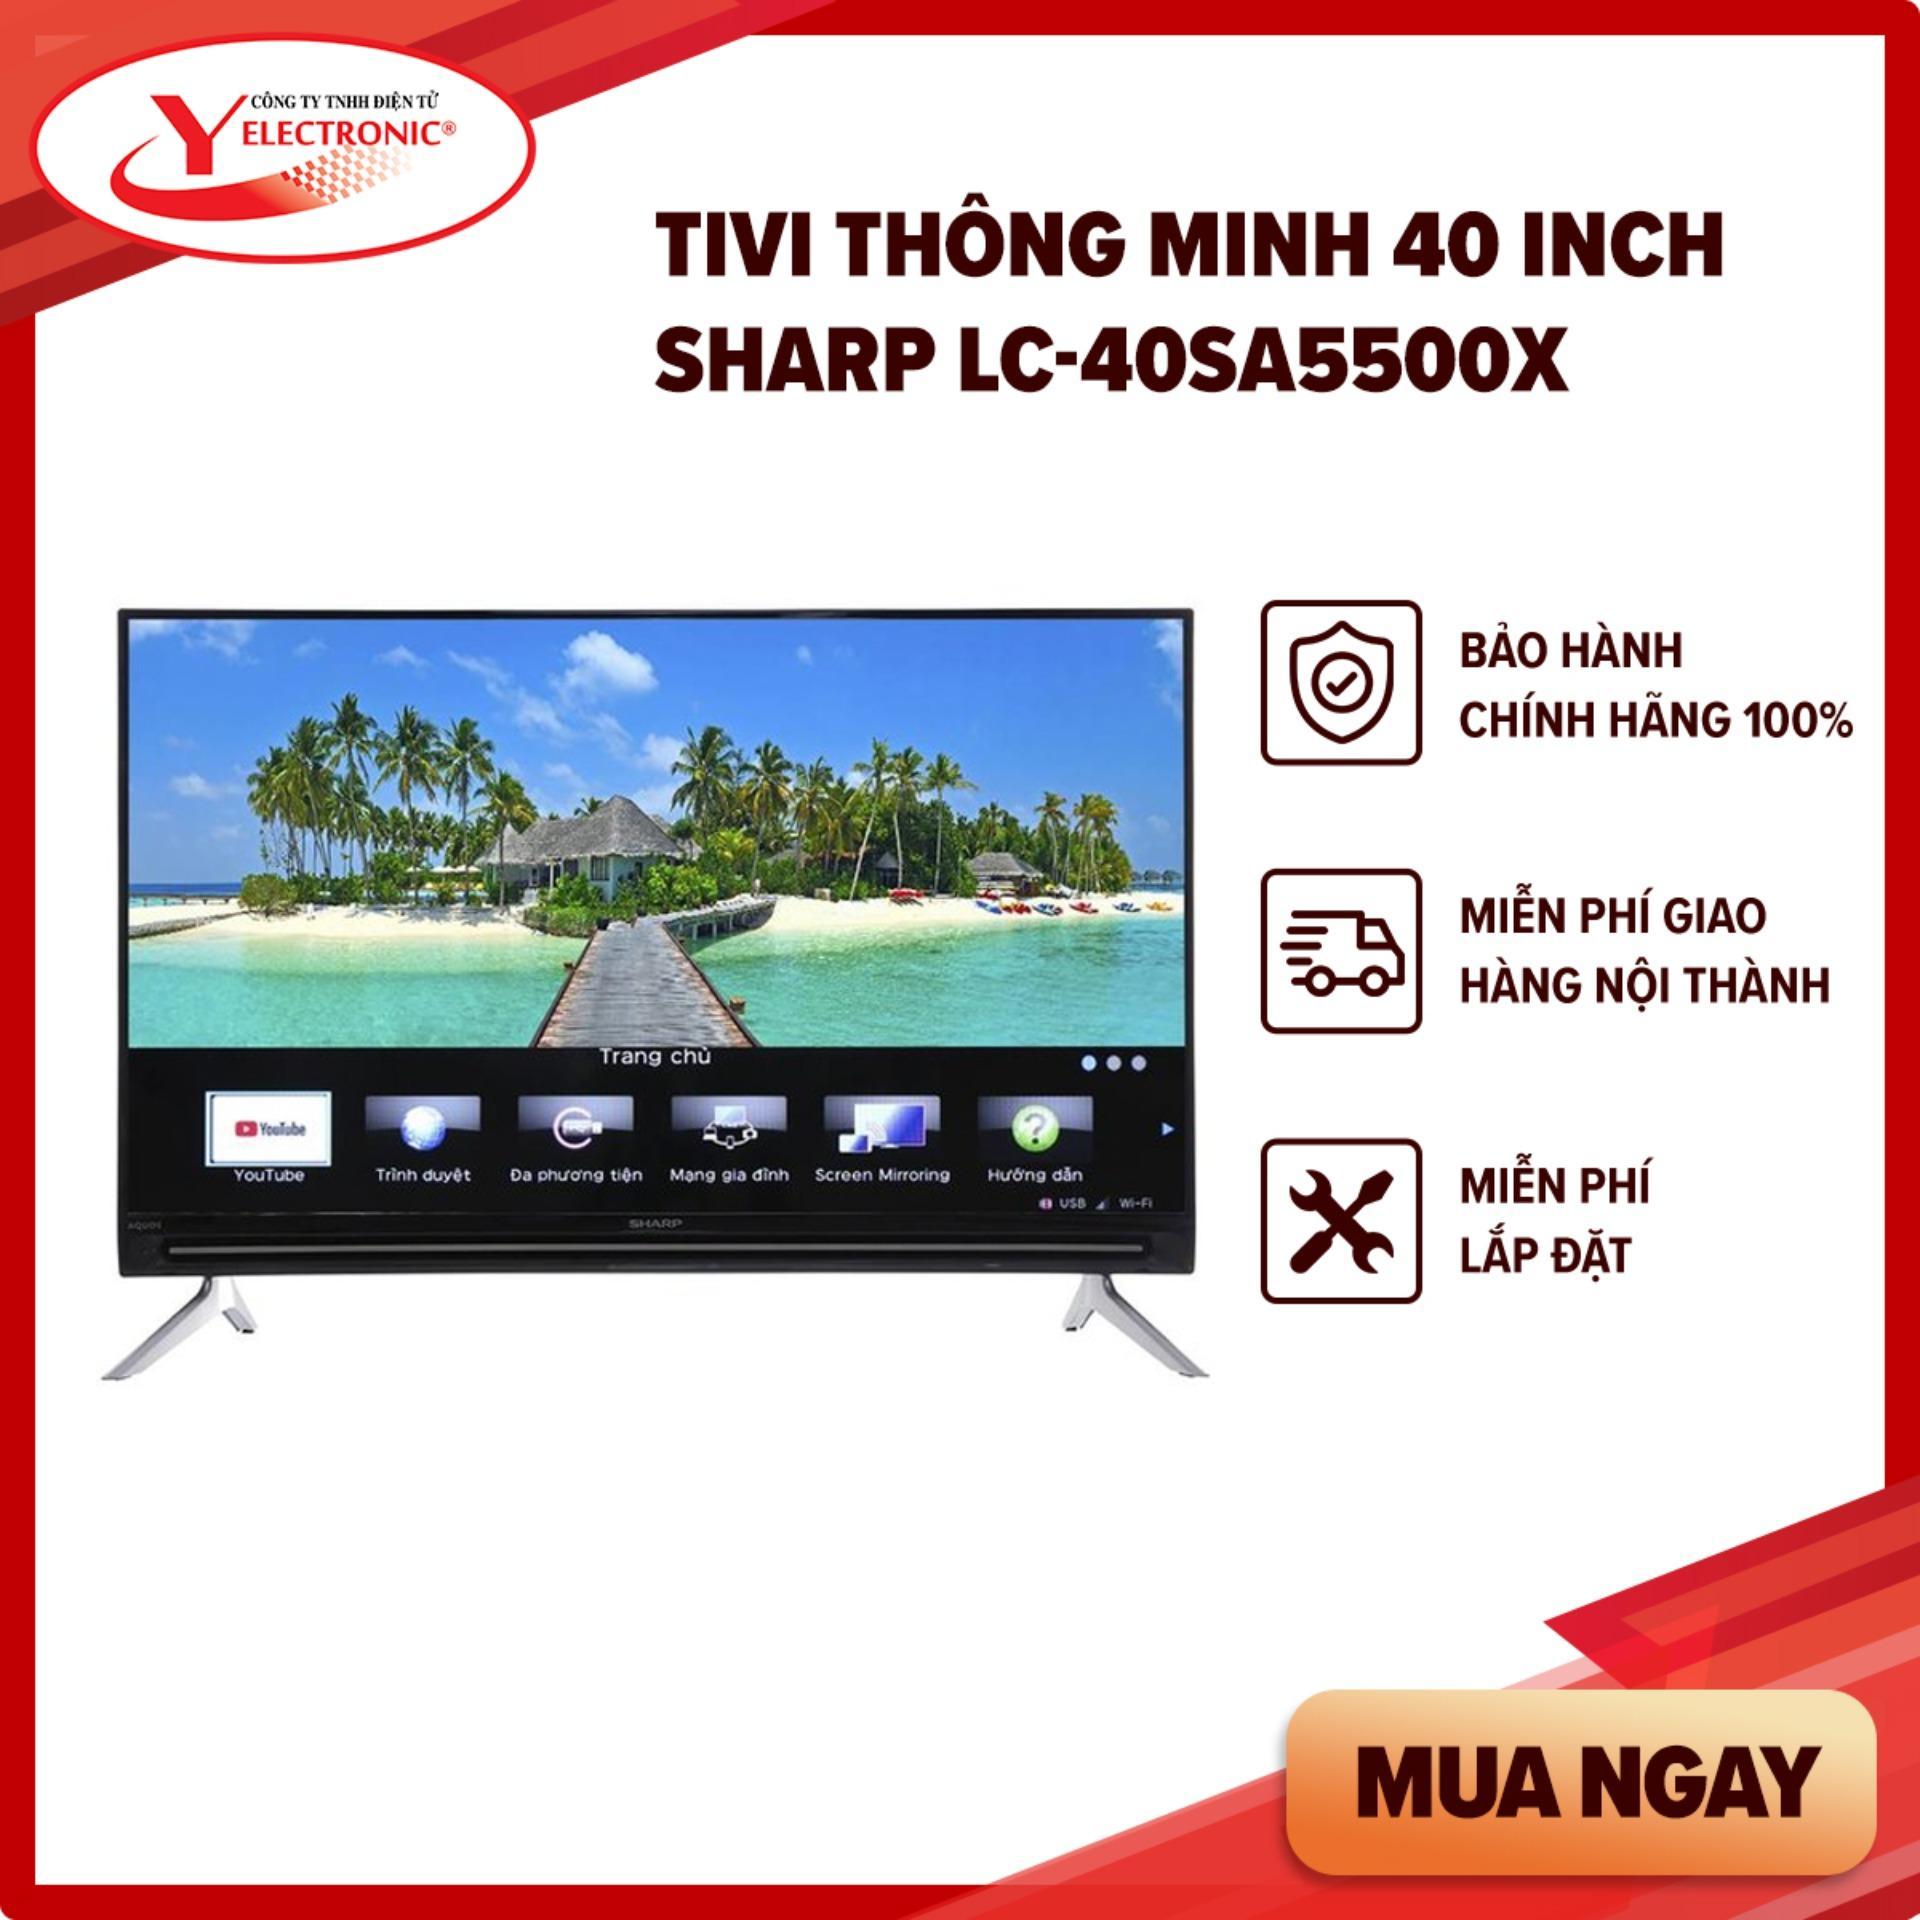 Bảng giá Tivi Thông Minh 40 Inch Sharp LC-40SA5500X